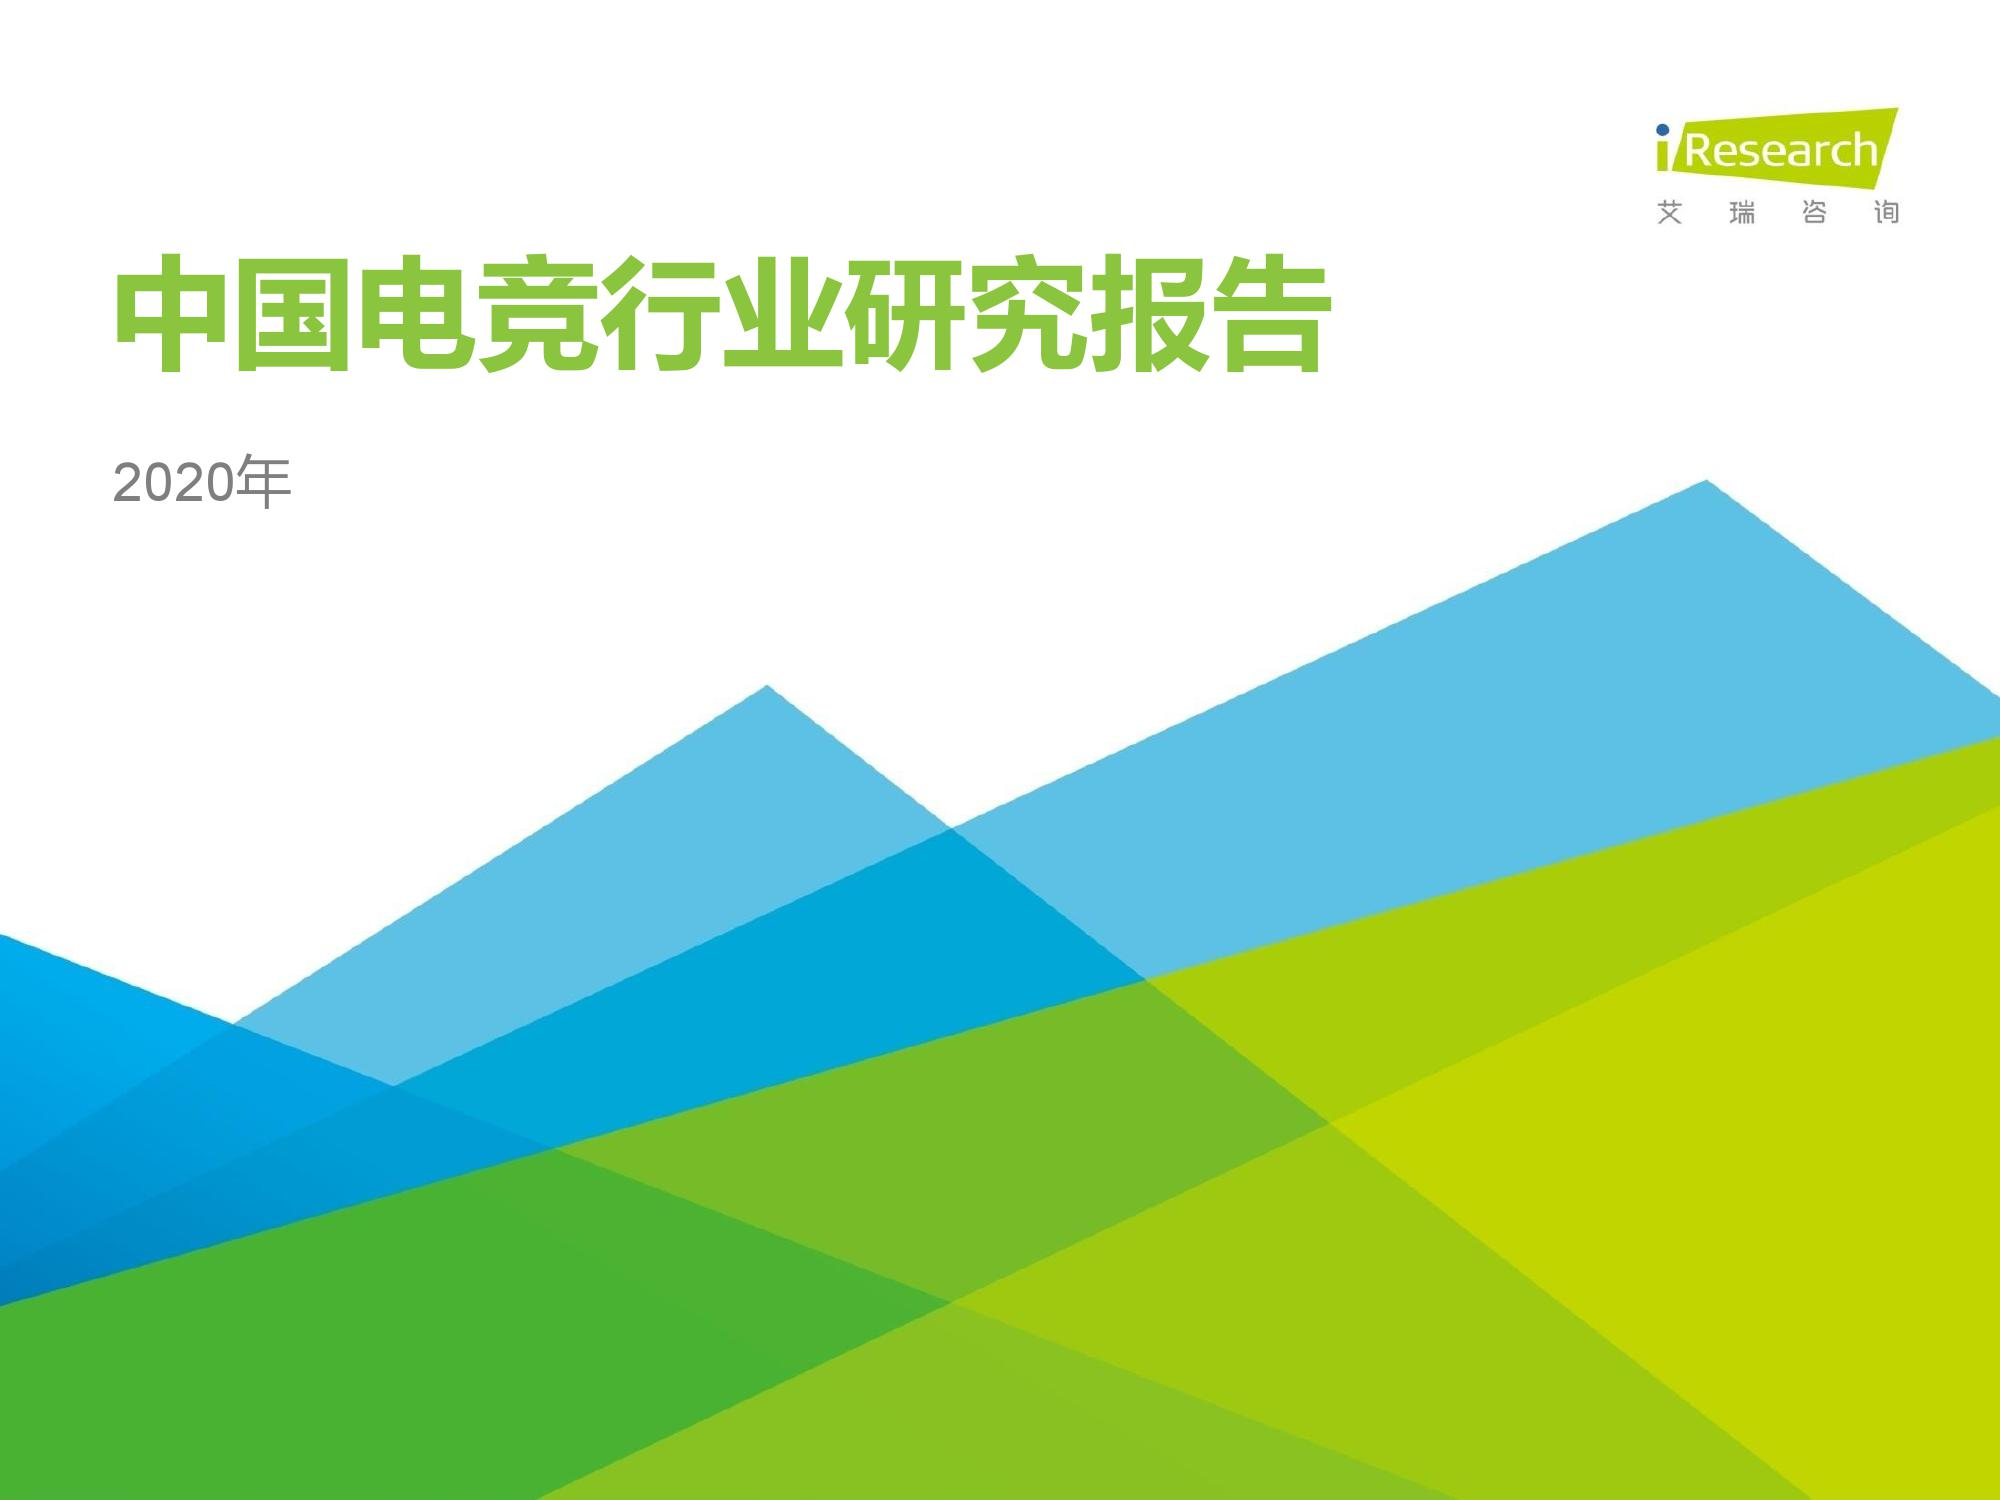 艾瑞咨询:2020年中国电竞行业研究报告(附下载)